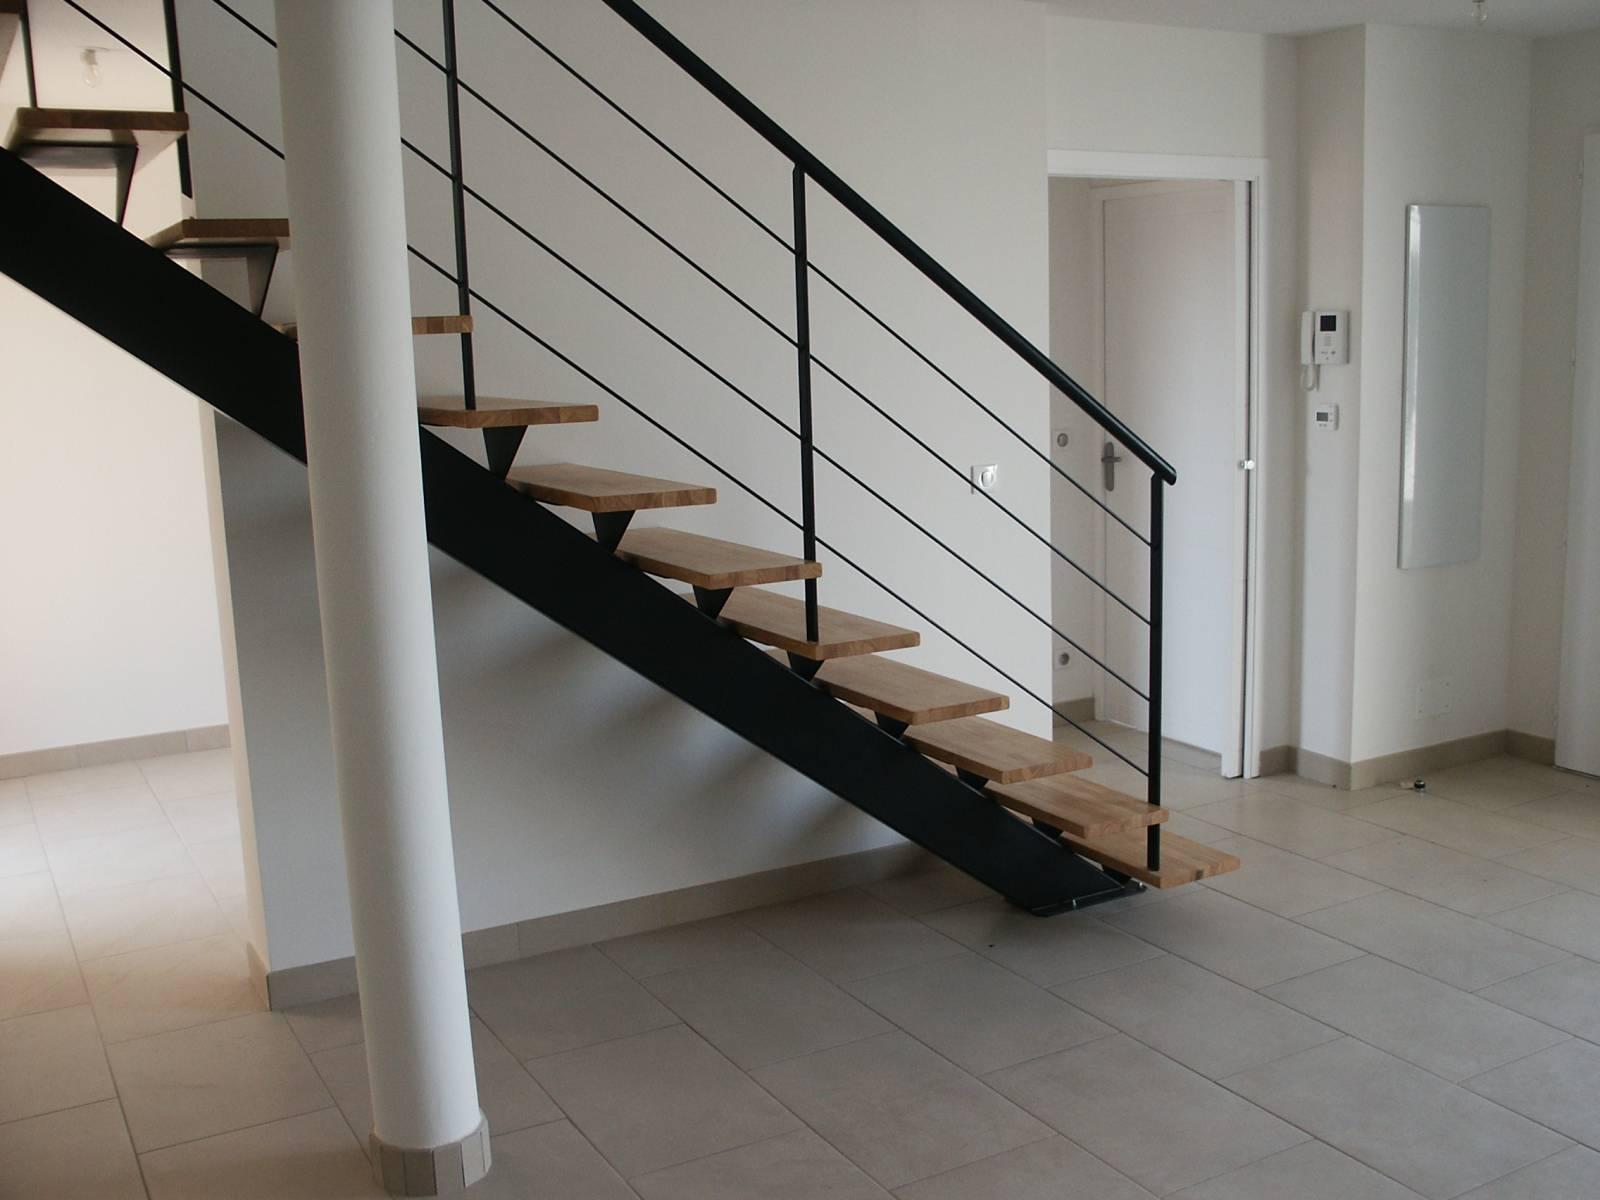 escalier droit limon m tallique aix en provence 13 atelier des escaliers aubaret. Black Bedroom Furniture Sets. Home Design Ideas